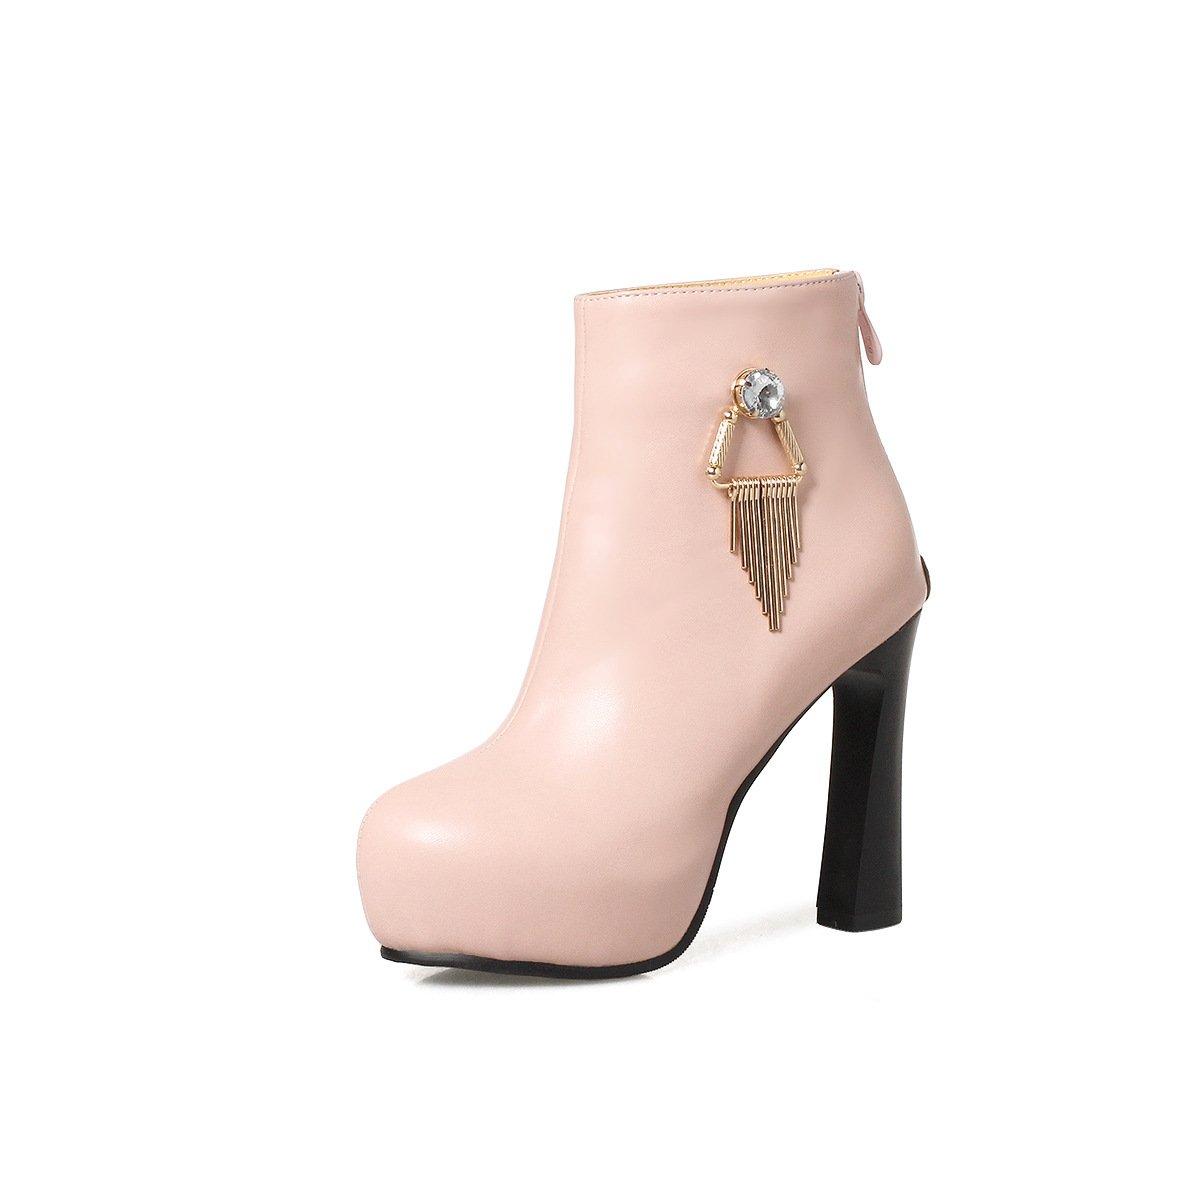 - DYF Chaussures Botte Courte Bold Fond épais en Métal AU Talon Haut,35,Rose Strass